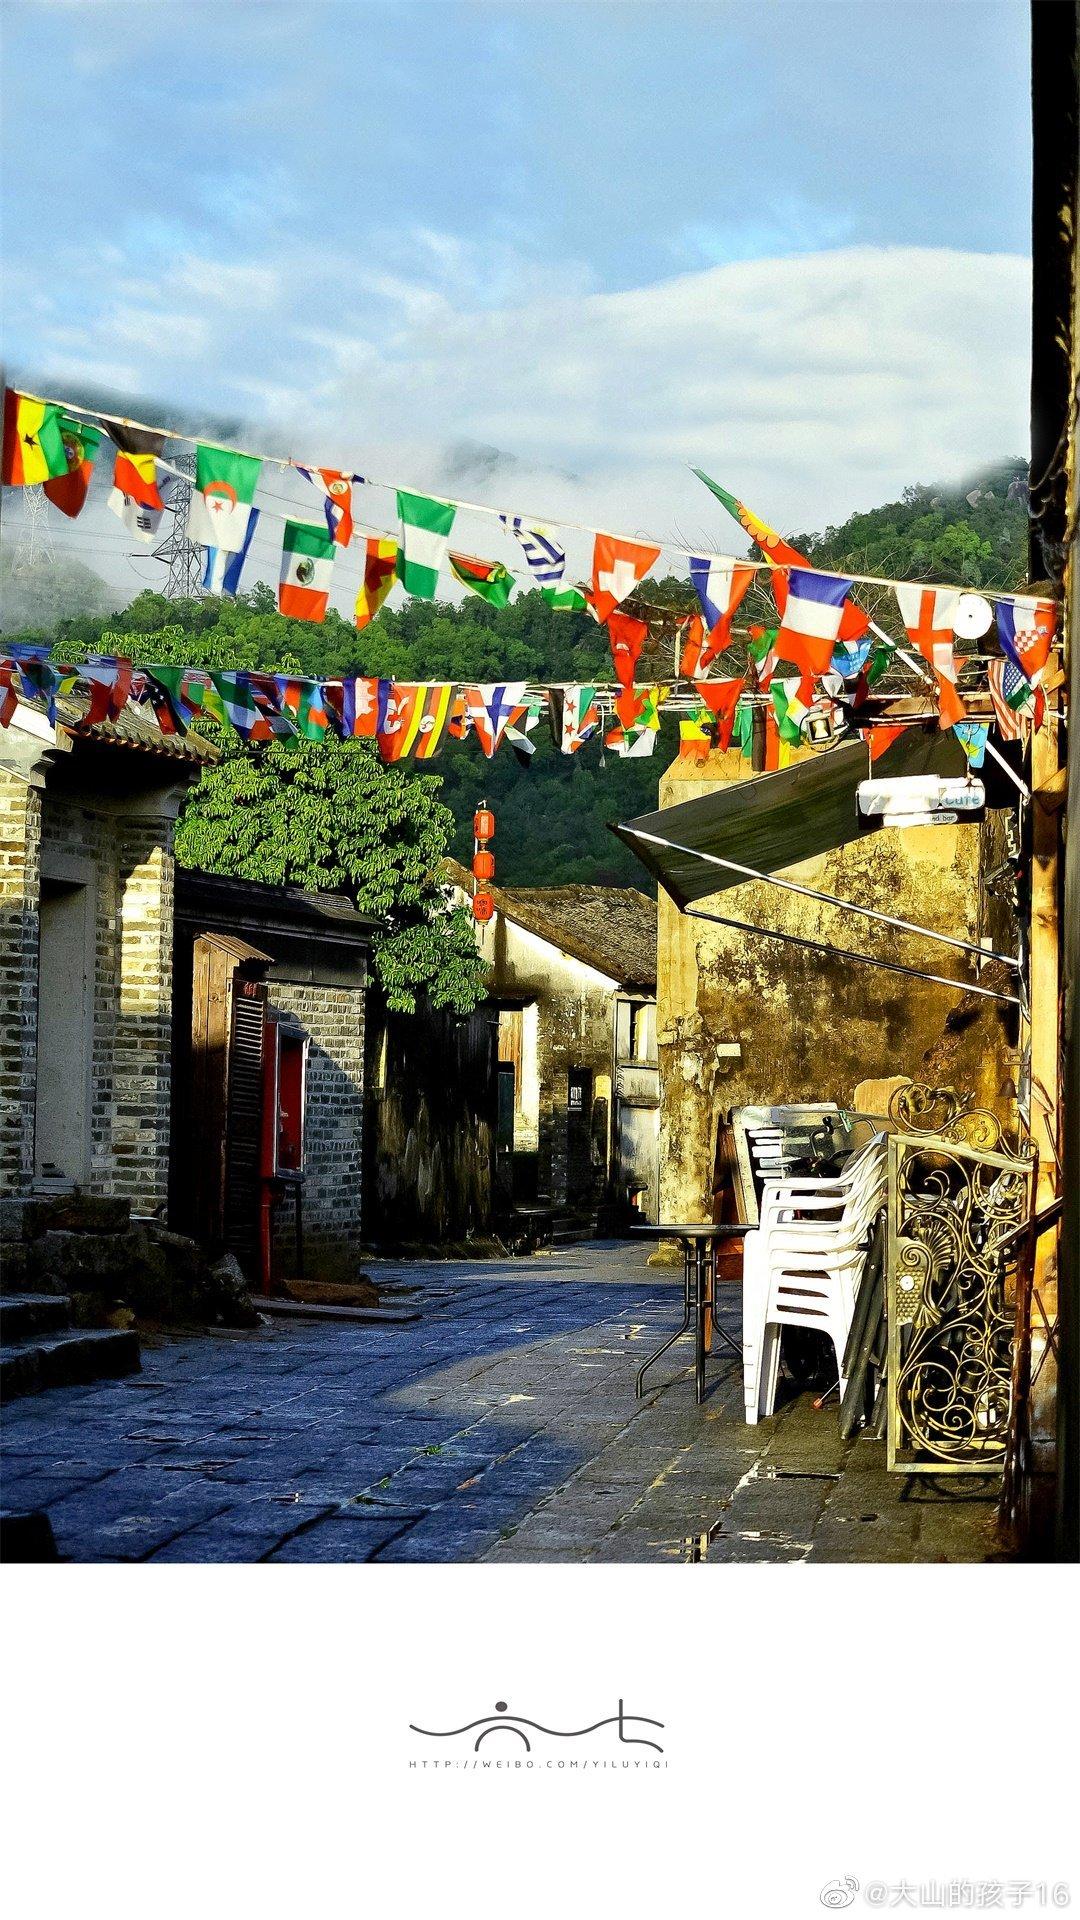 大鹏所城,一座被遗忘的历史古镇。在深圳的角落里